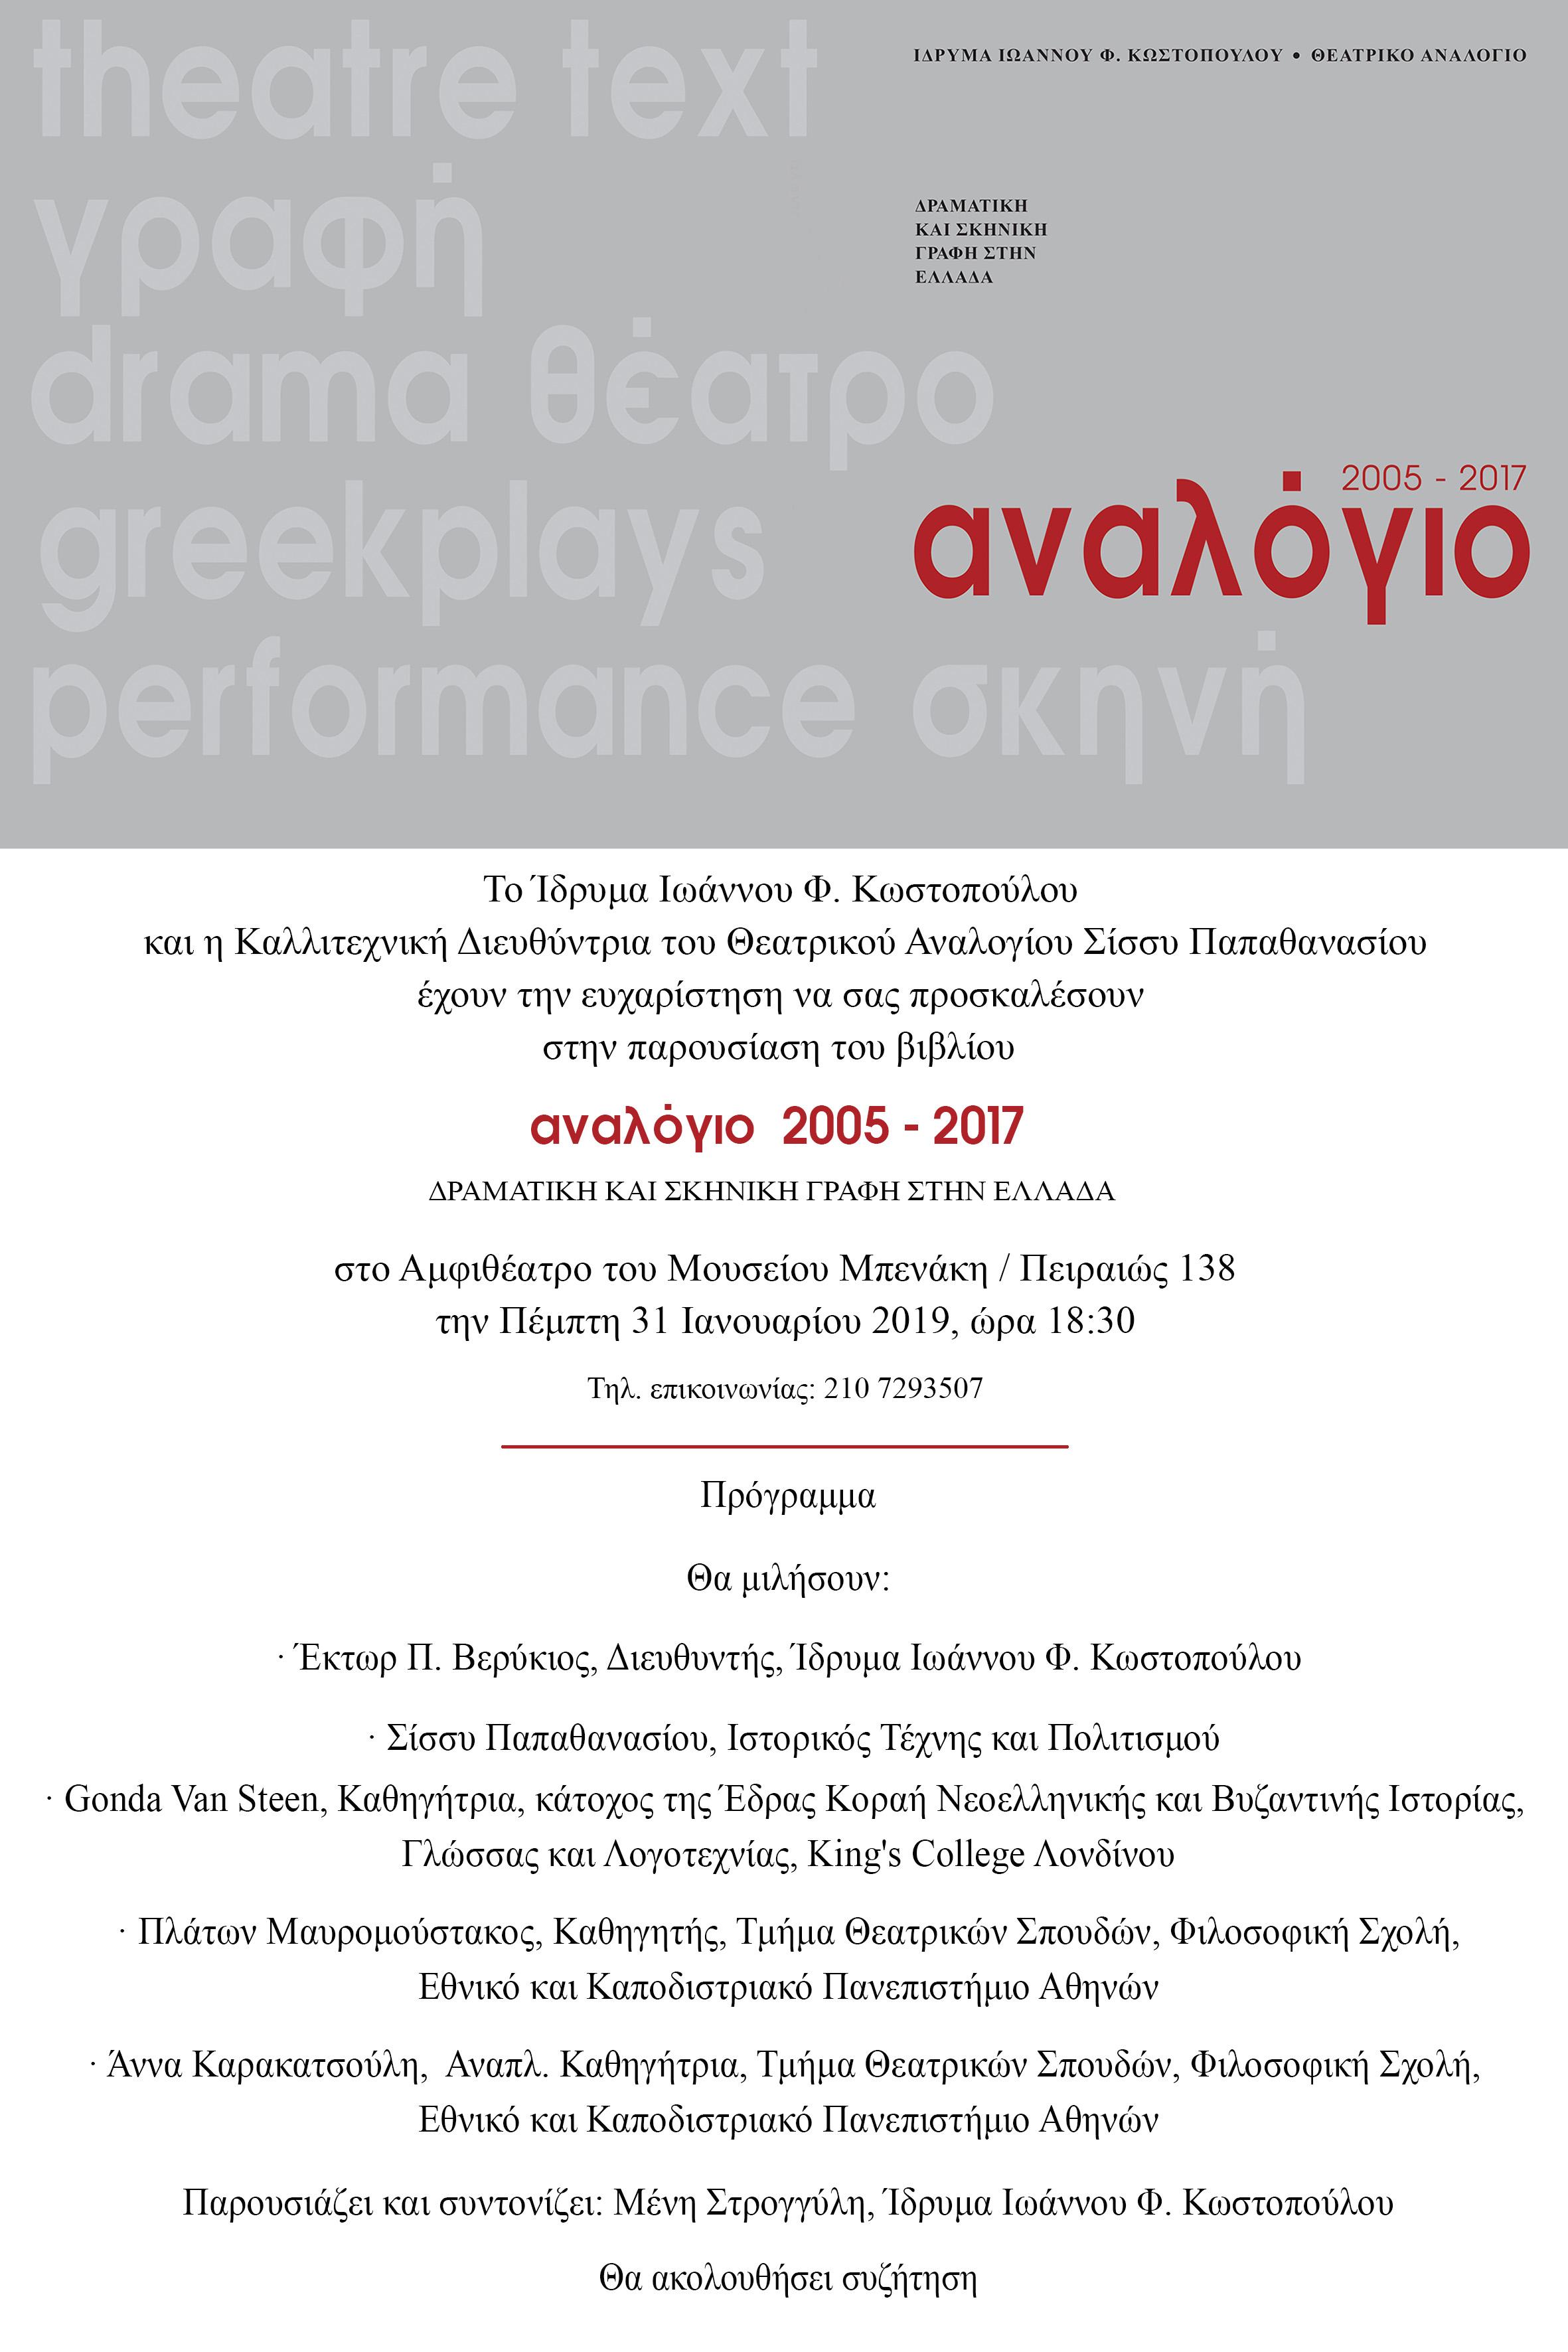 26f54b5802 Αναλόγιο 2005-2017. Θεατρική και Σκηνική Γραφή στην Ελλάδα. 31.1.2019  Μουσείο Μπενάκη